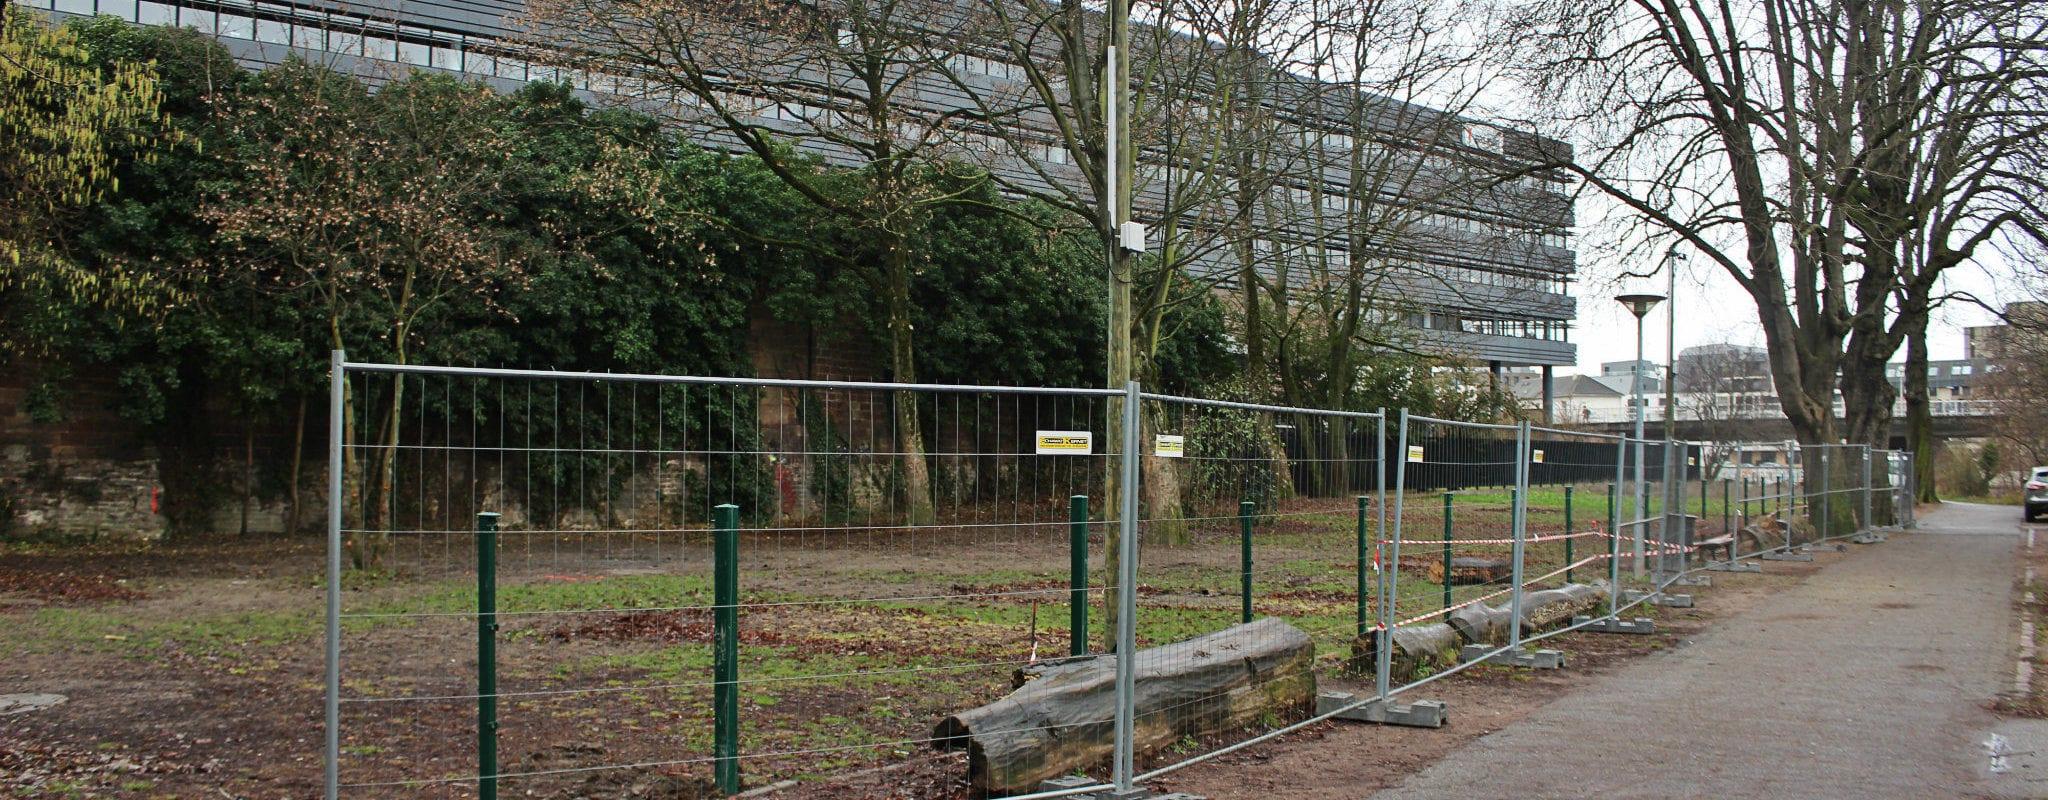 Contre les tentes de sans-abris, Strasbourg verrouille ses espaces verts